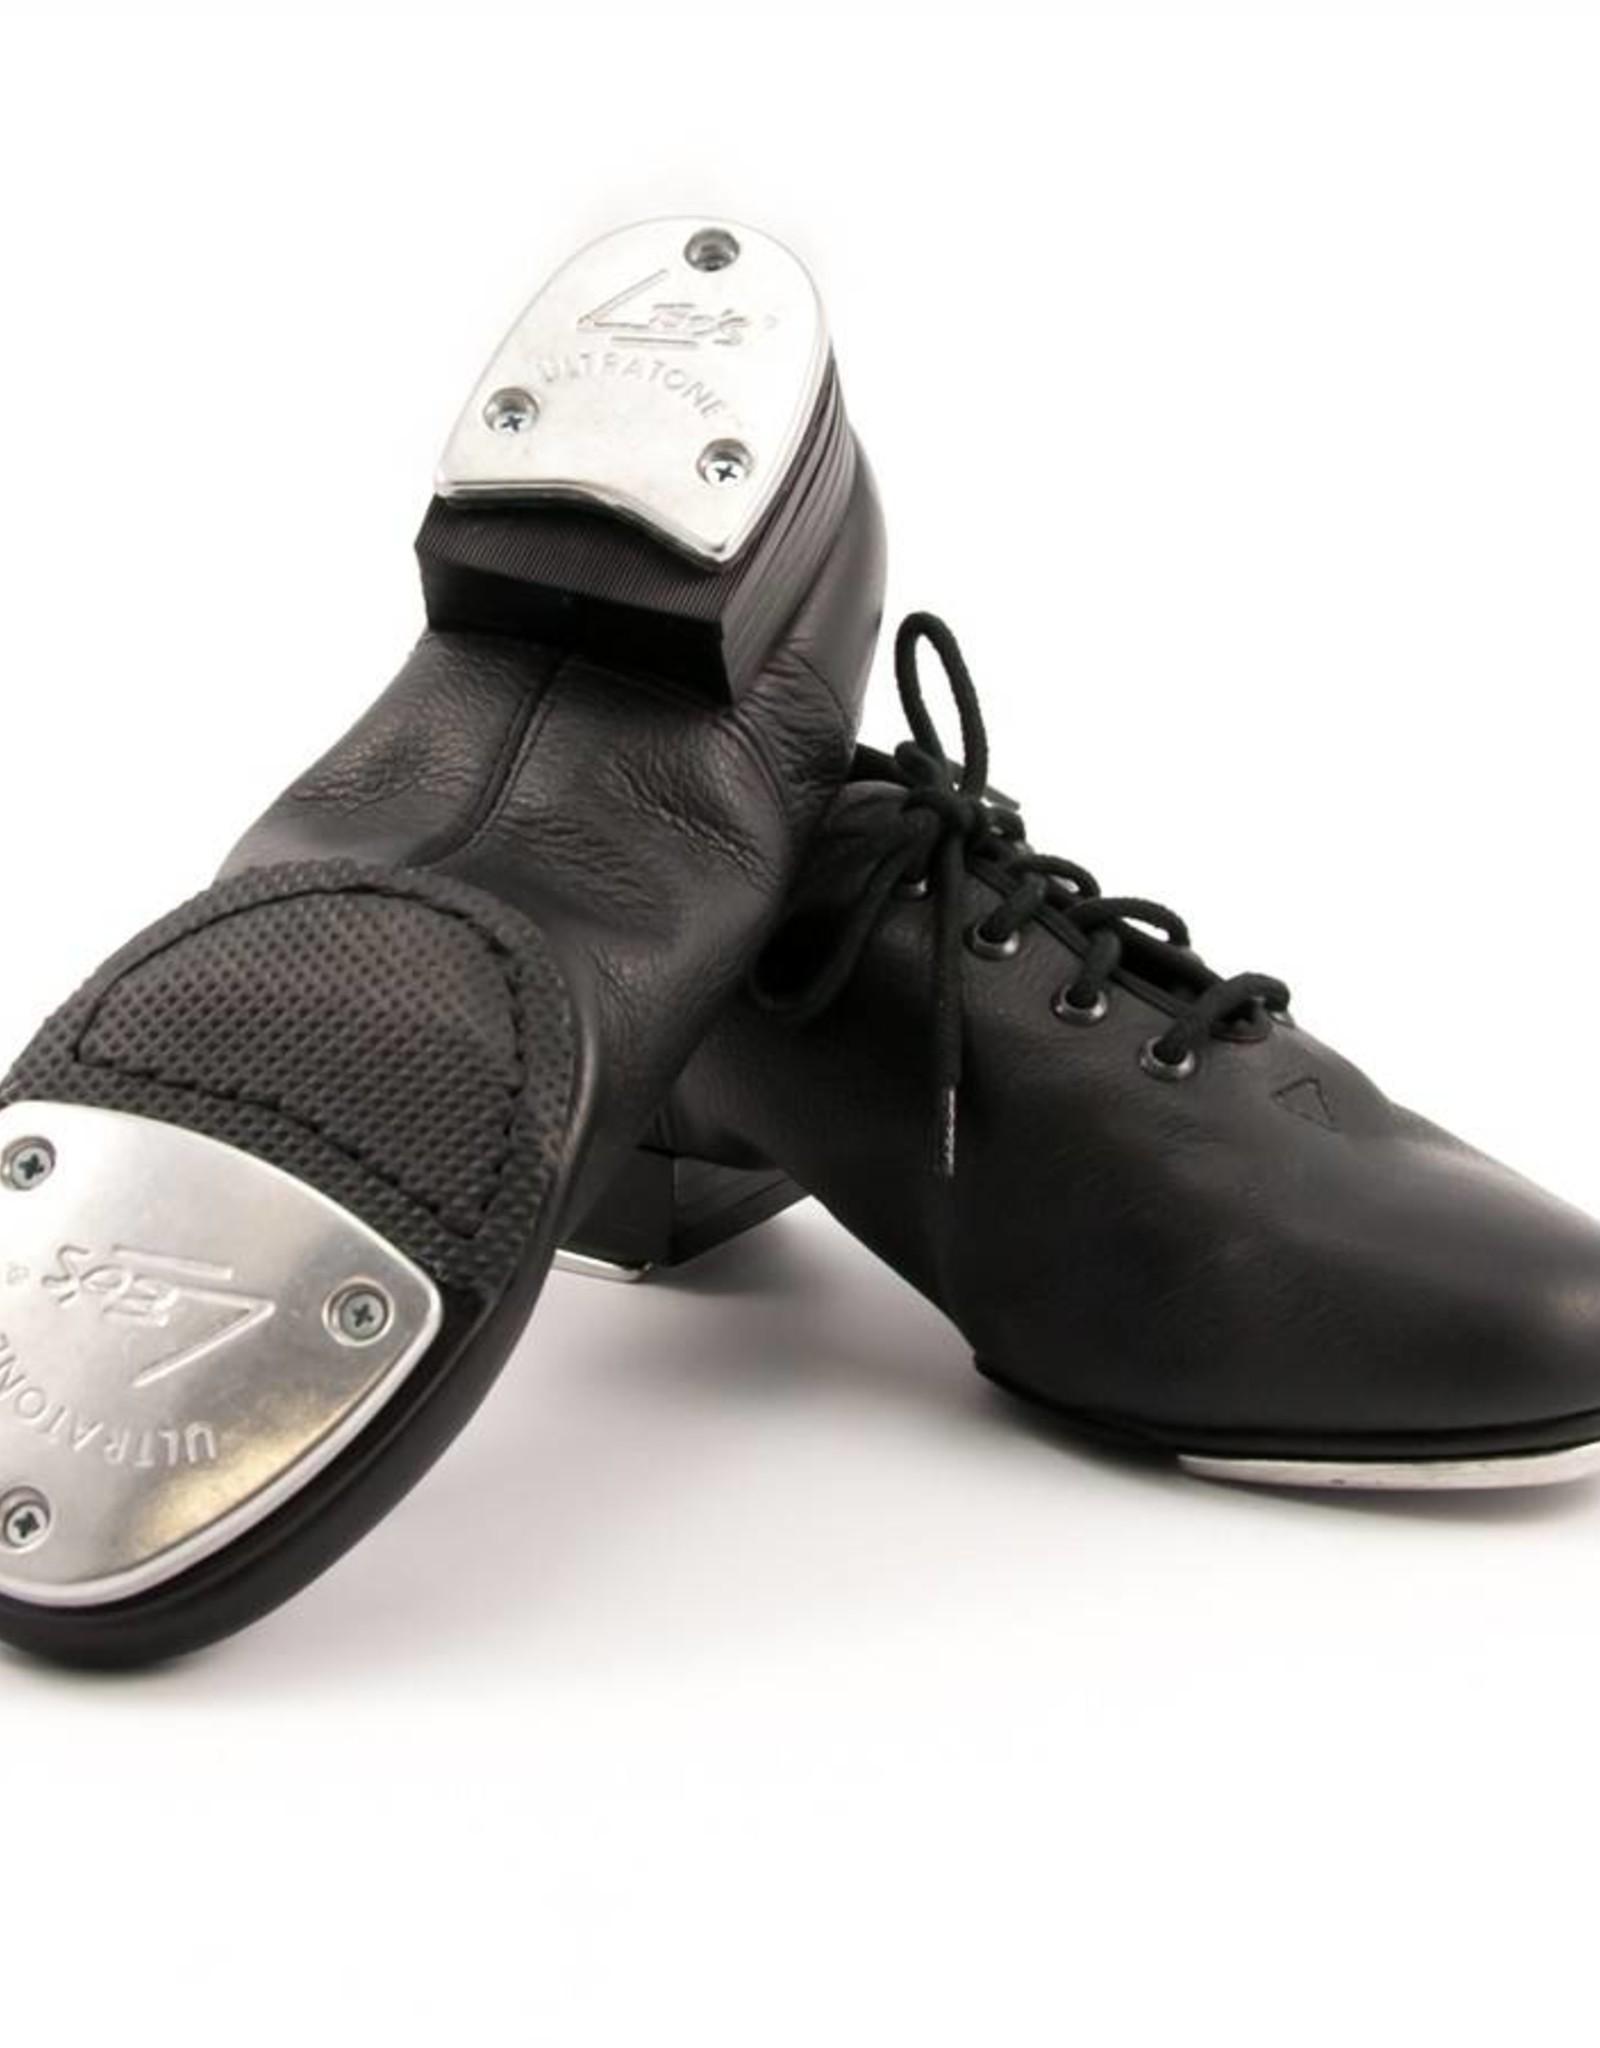 Tap Shoes Images : shoes, images, Leo's, Split, SOLEUS, DANCE, FITNESS